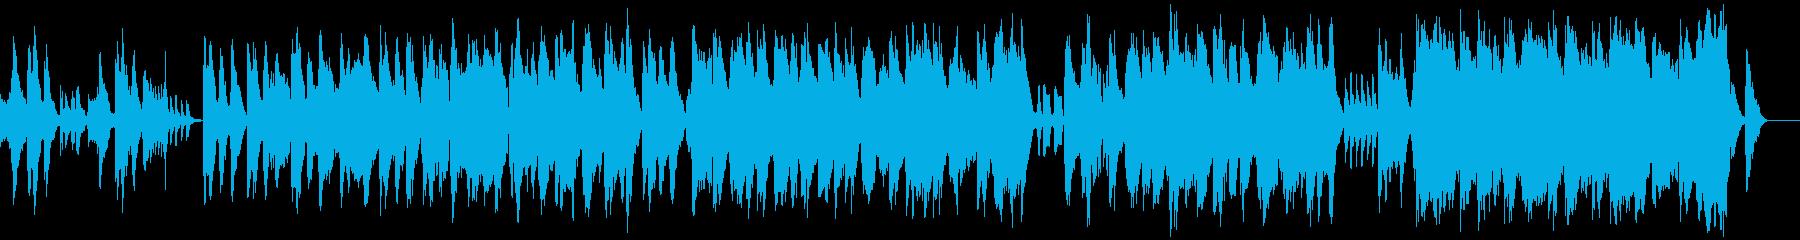 オーケストラ楽器タンゴの世界のテー...の再生済みの波形